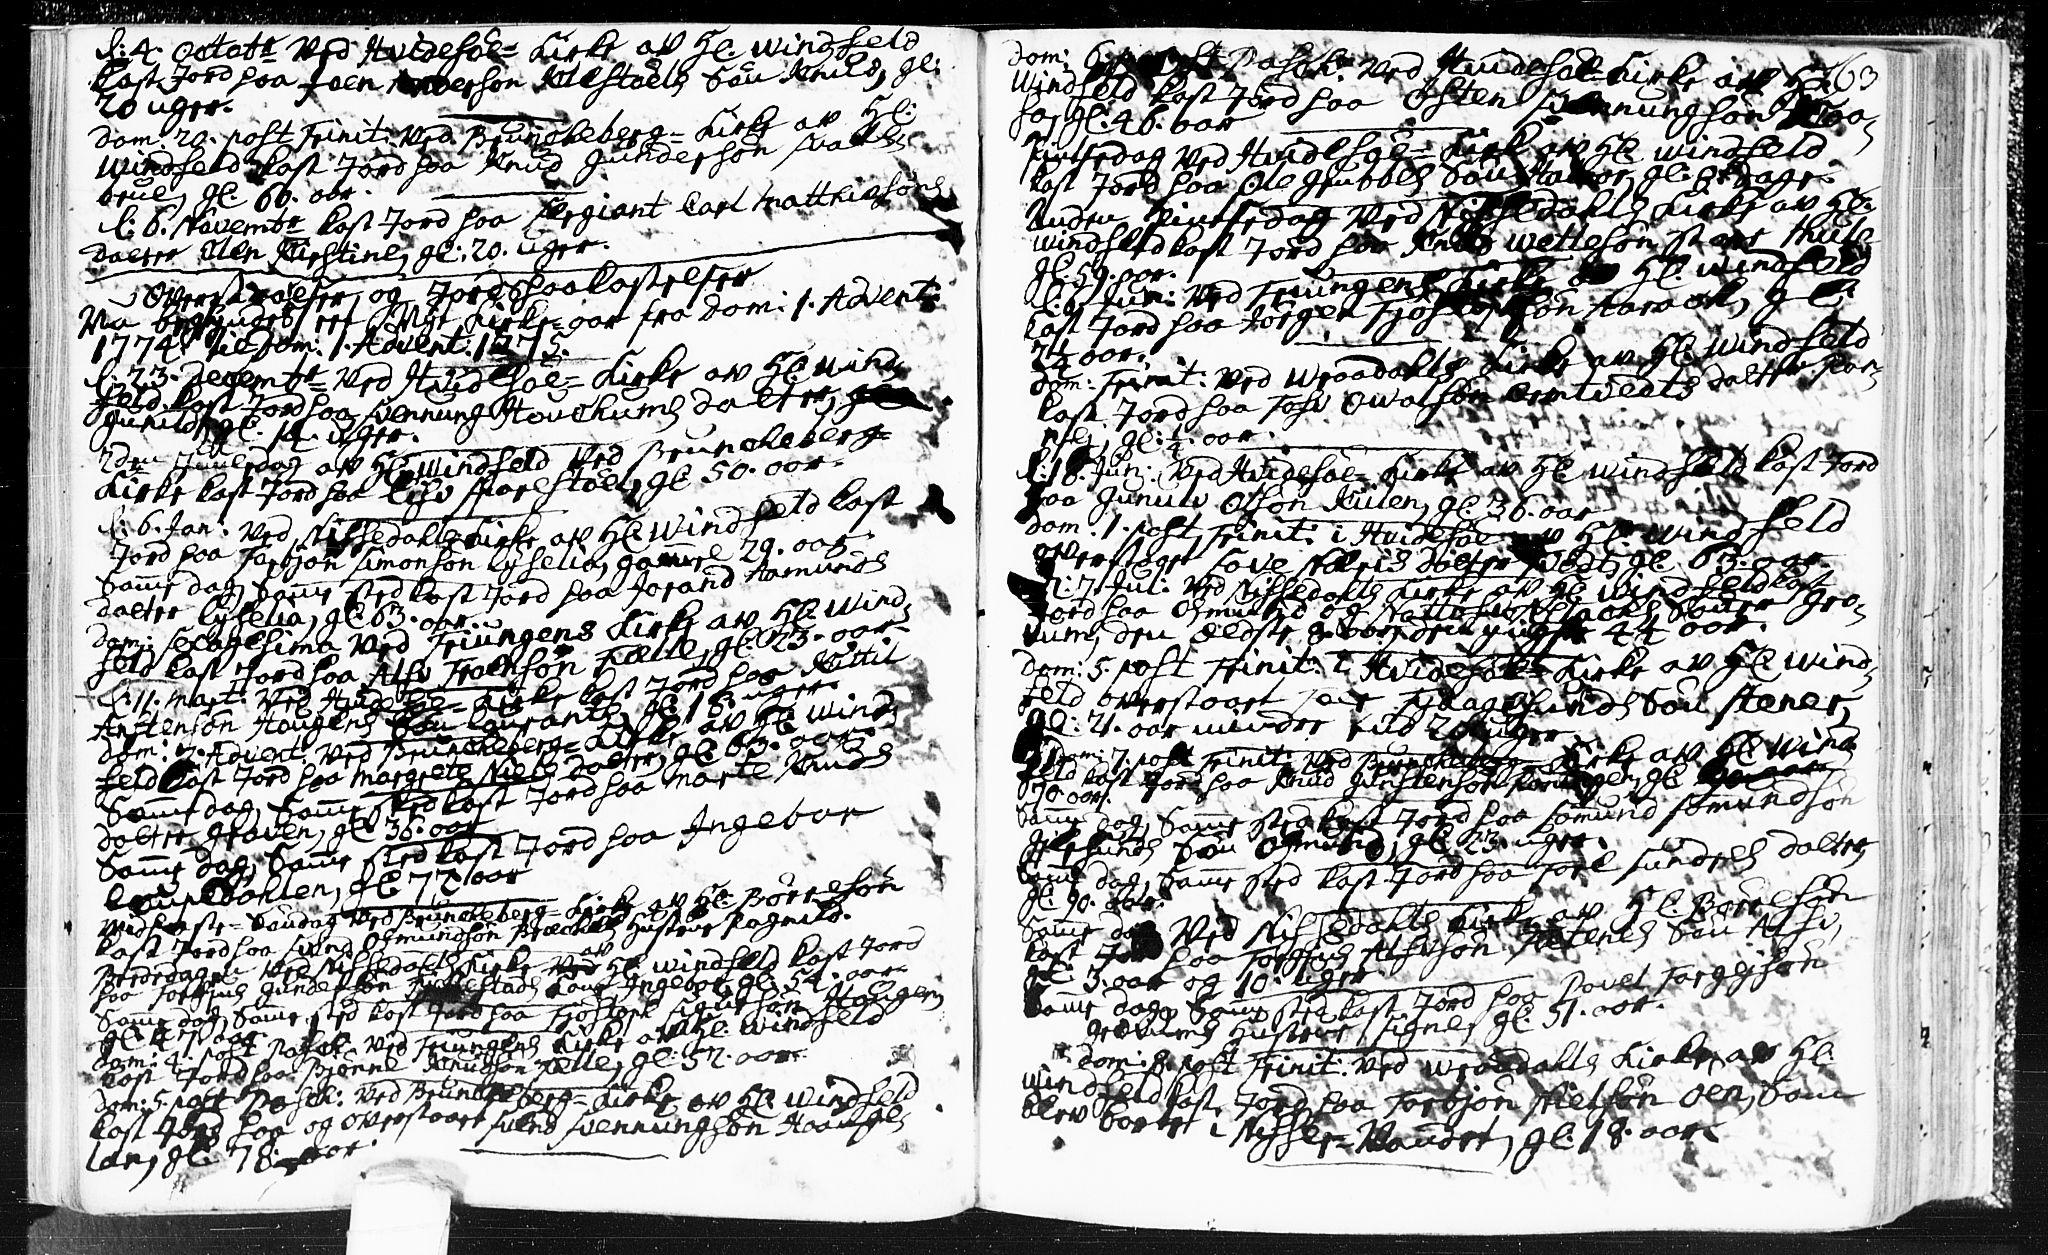 SAKO, Kviteseid kirkebøker, F/Fa/L0002: Ministerialbok nr. I 2, 1773-1786, s. 163